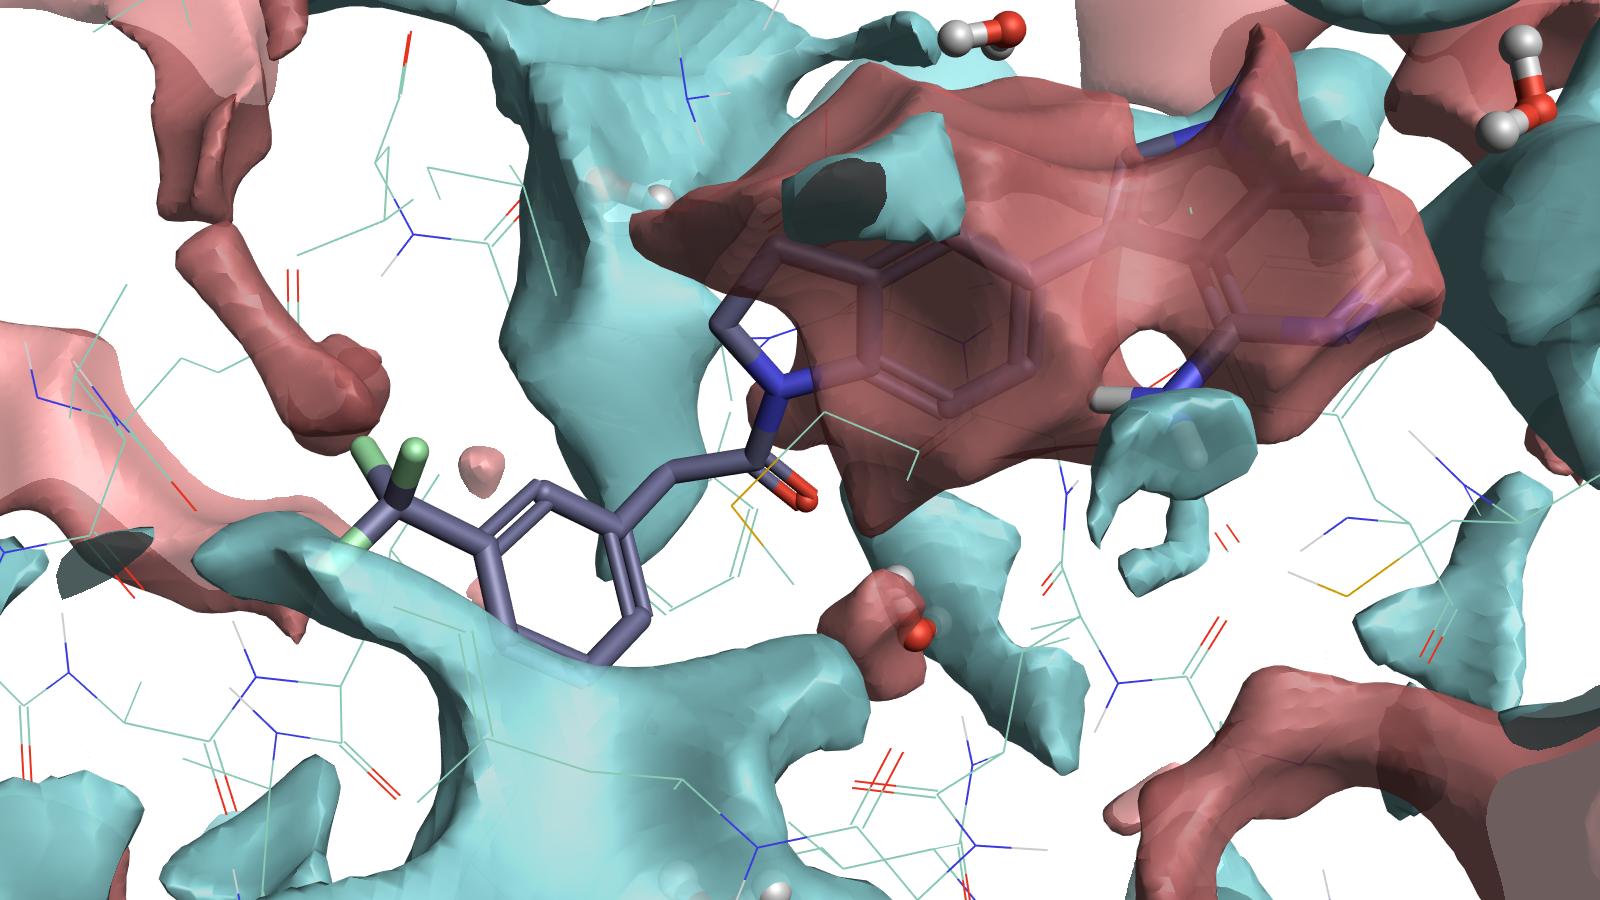 PDB 4G31完整的蛋白相互作用势映射图可以用来指导配体原子的放置